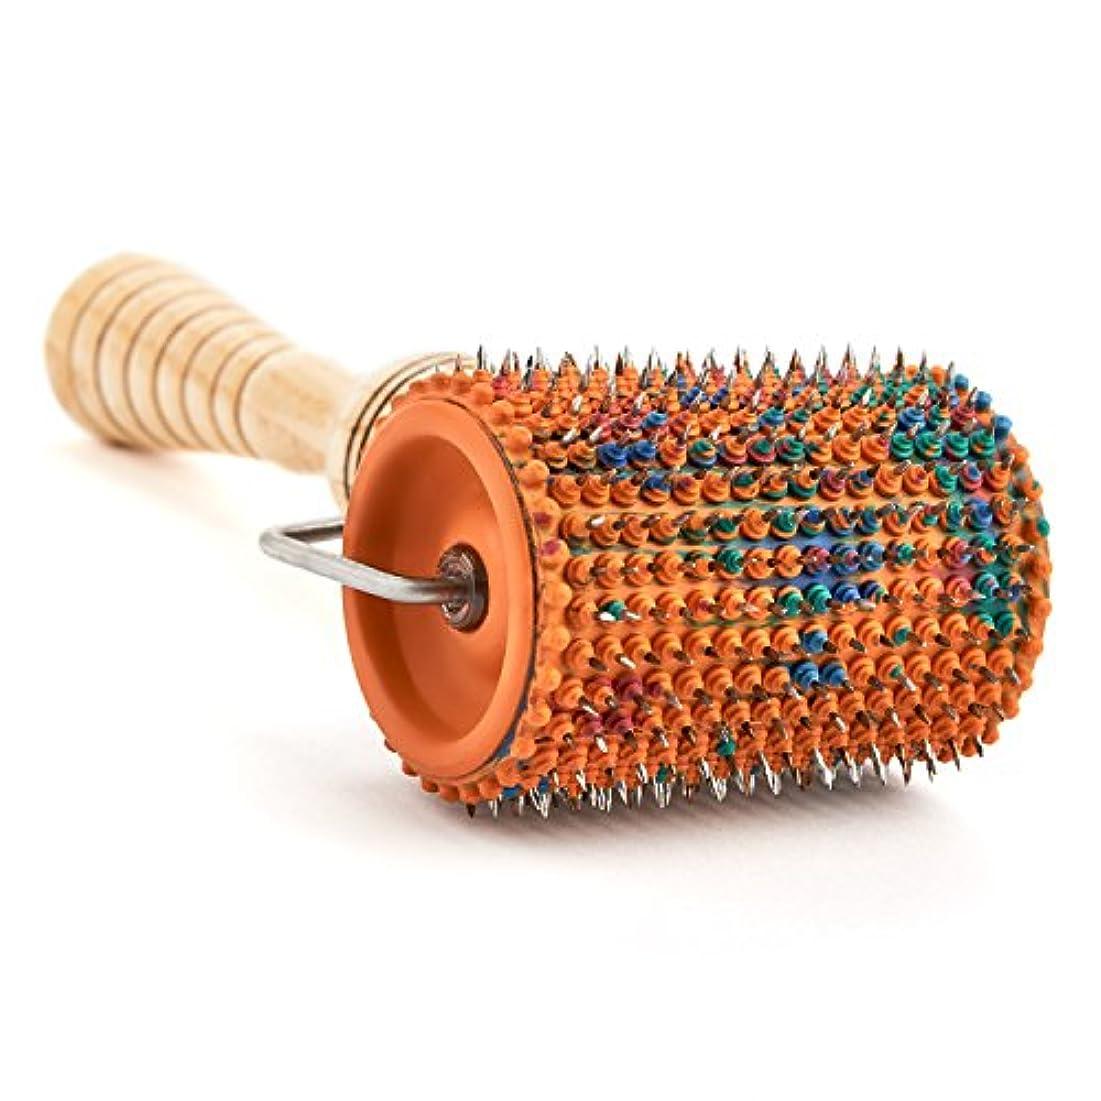 誤解させるひばりアドバンテージAcupuncture for Body Massage - Acupressure Applicator Lyapko Roller UNIVERSAL-M (with rubber bushings) by Lyapko